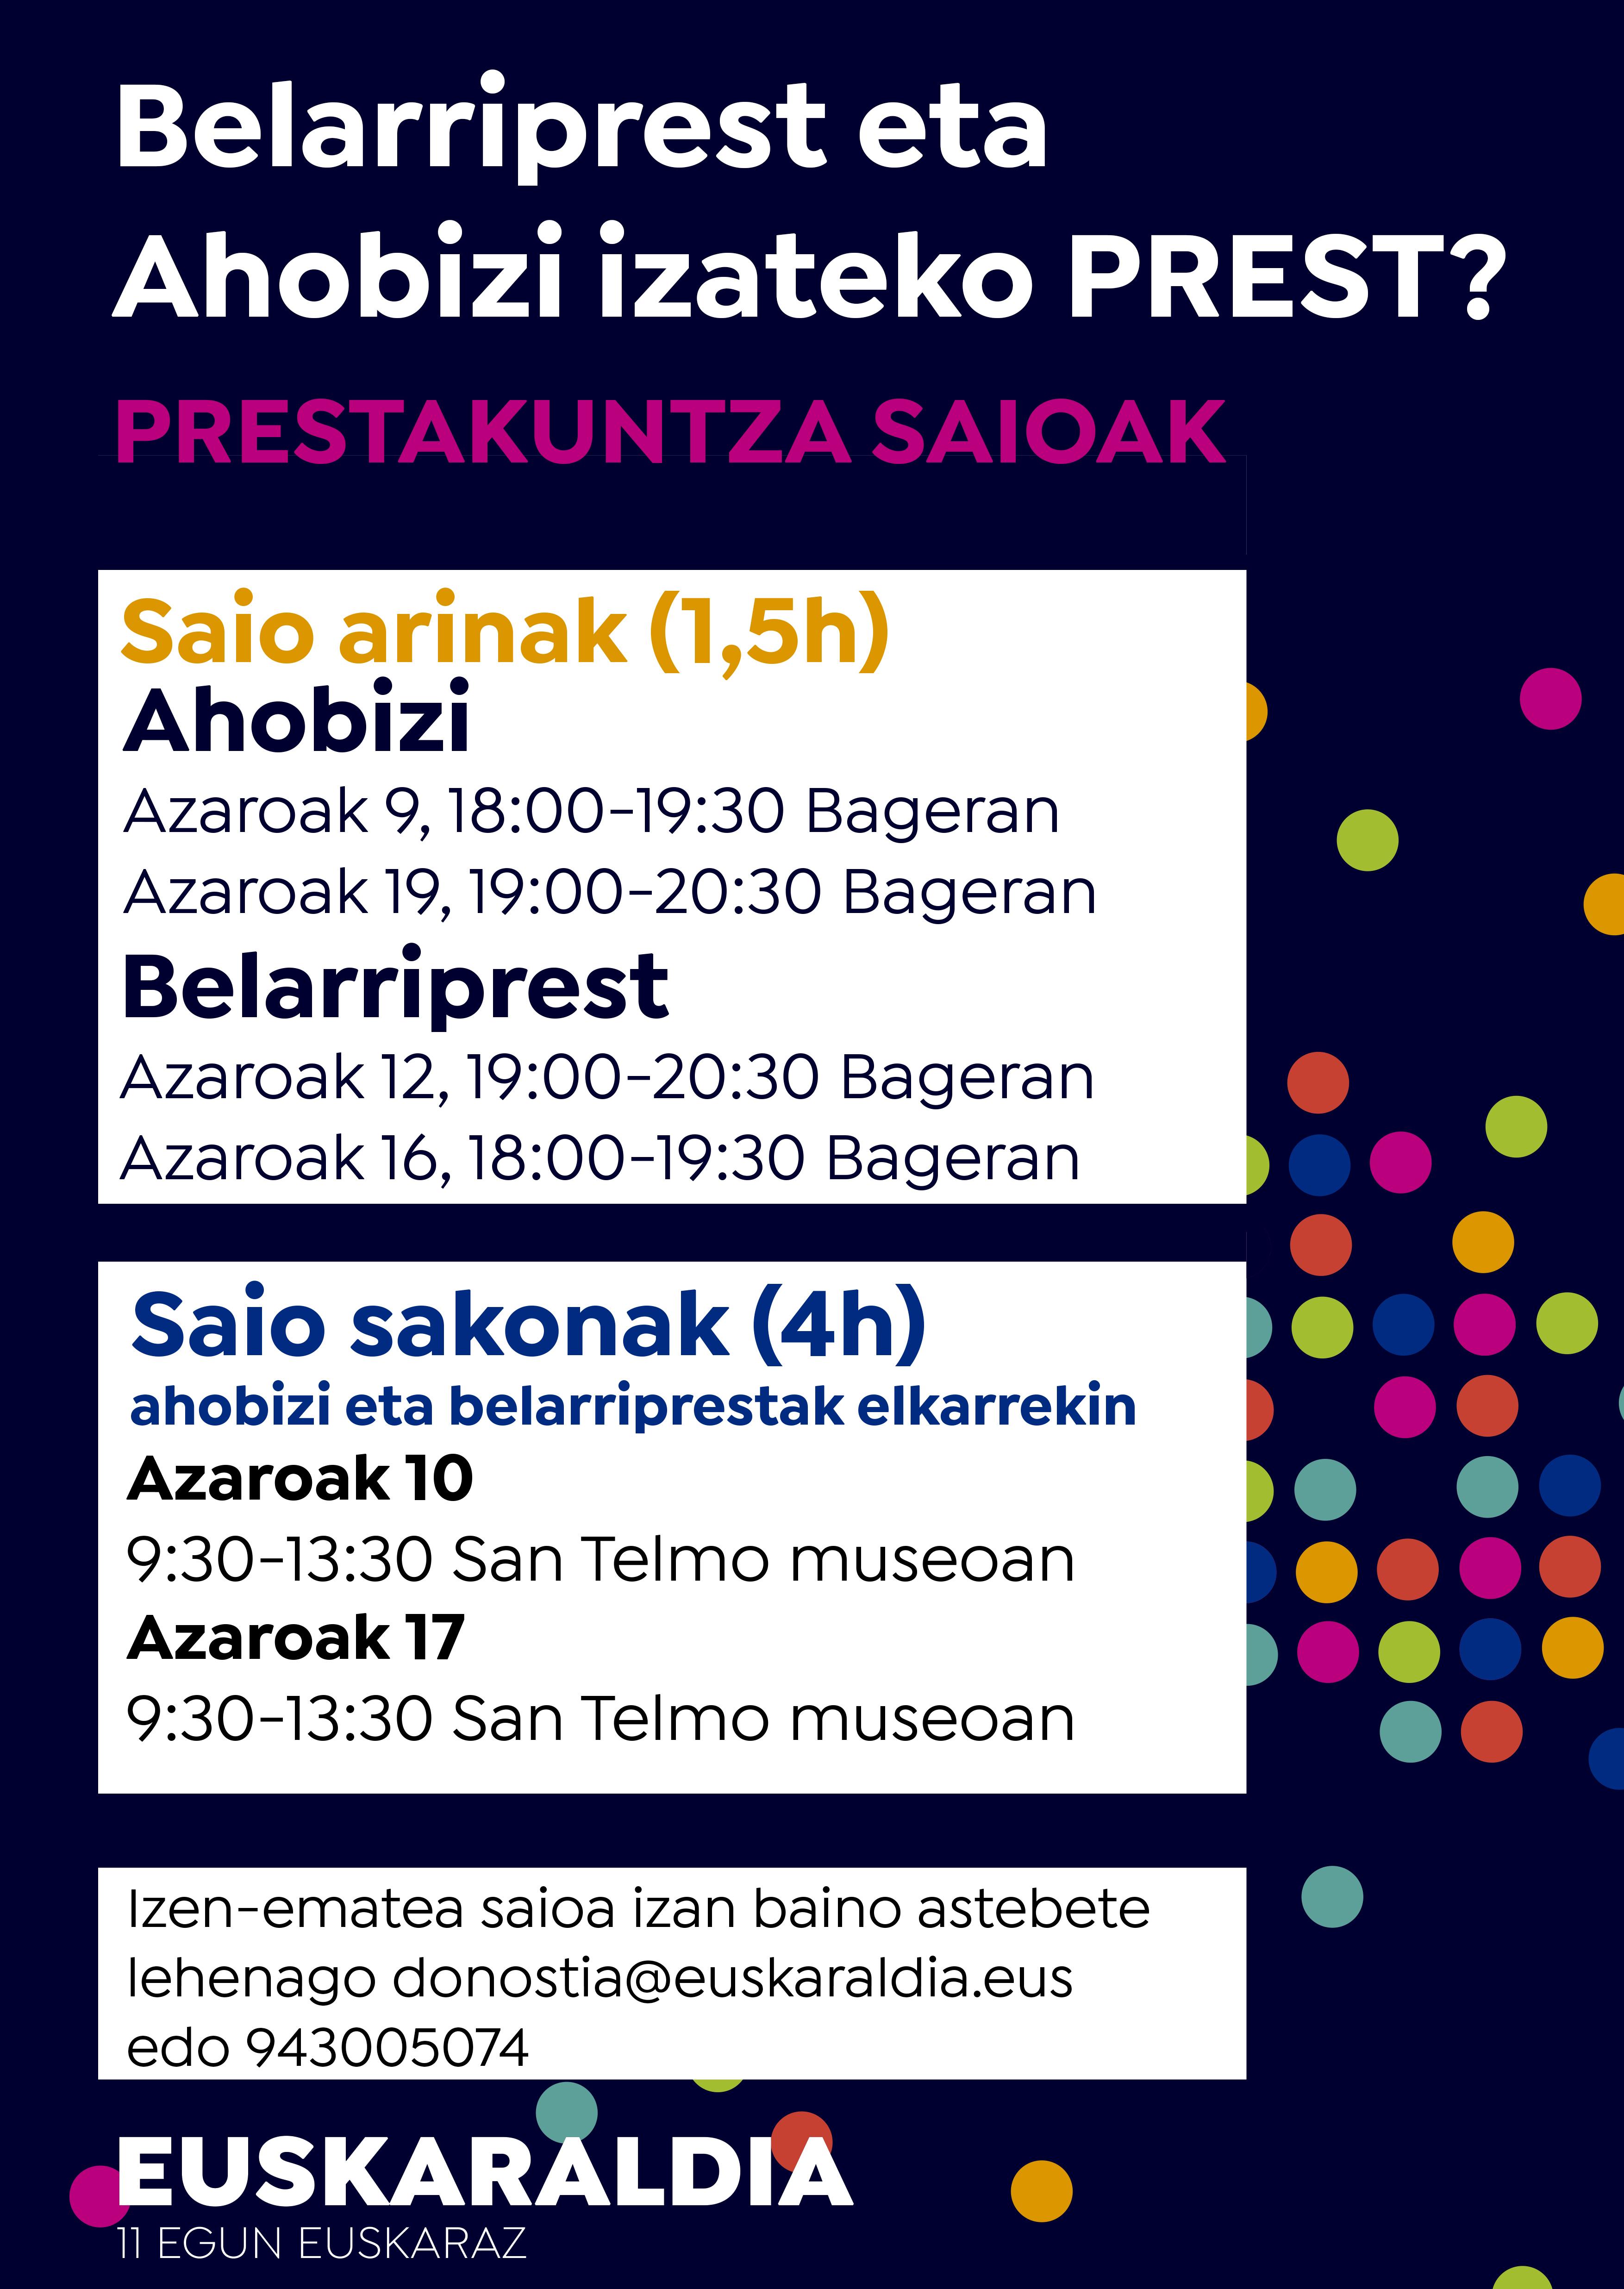 Sesiones formativas para los Ahobizi y Belarriprest